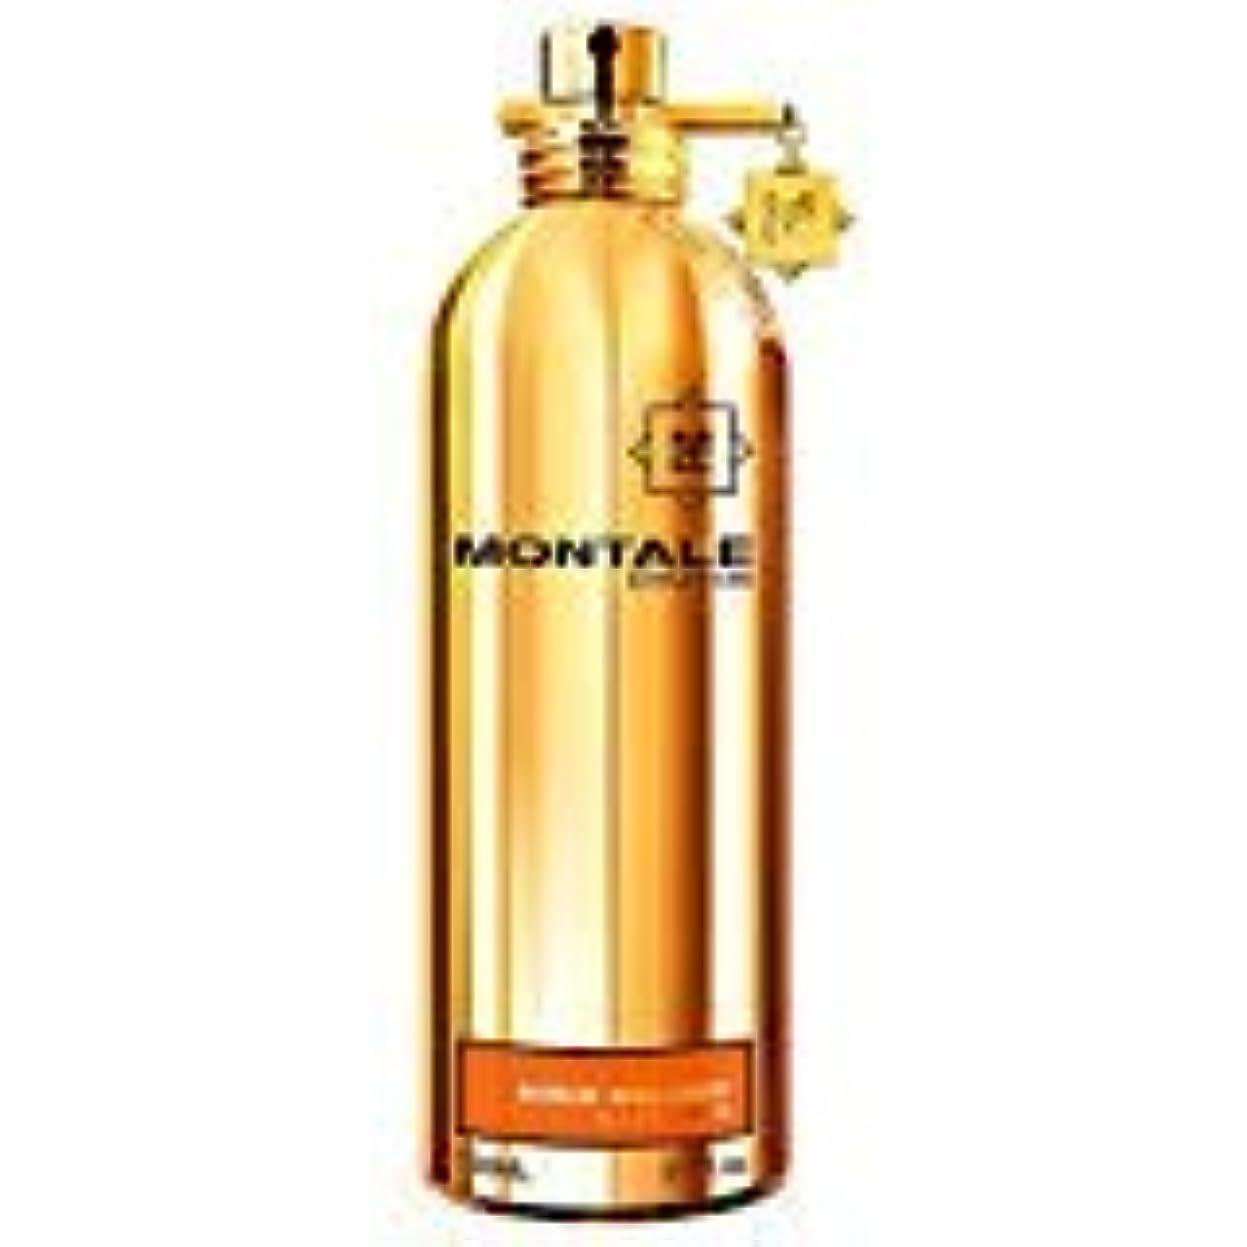 成り立つ野球結婚MONTALE AOUD MELODY Eau de Perfume 100ml Made in France 100% 本物のモンターレ アラブ メロディー香水 100 ml フランス製 +2サンプル無料! + 30 mlスキンケア無料!